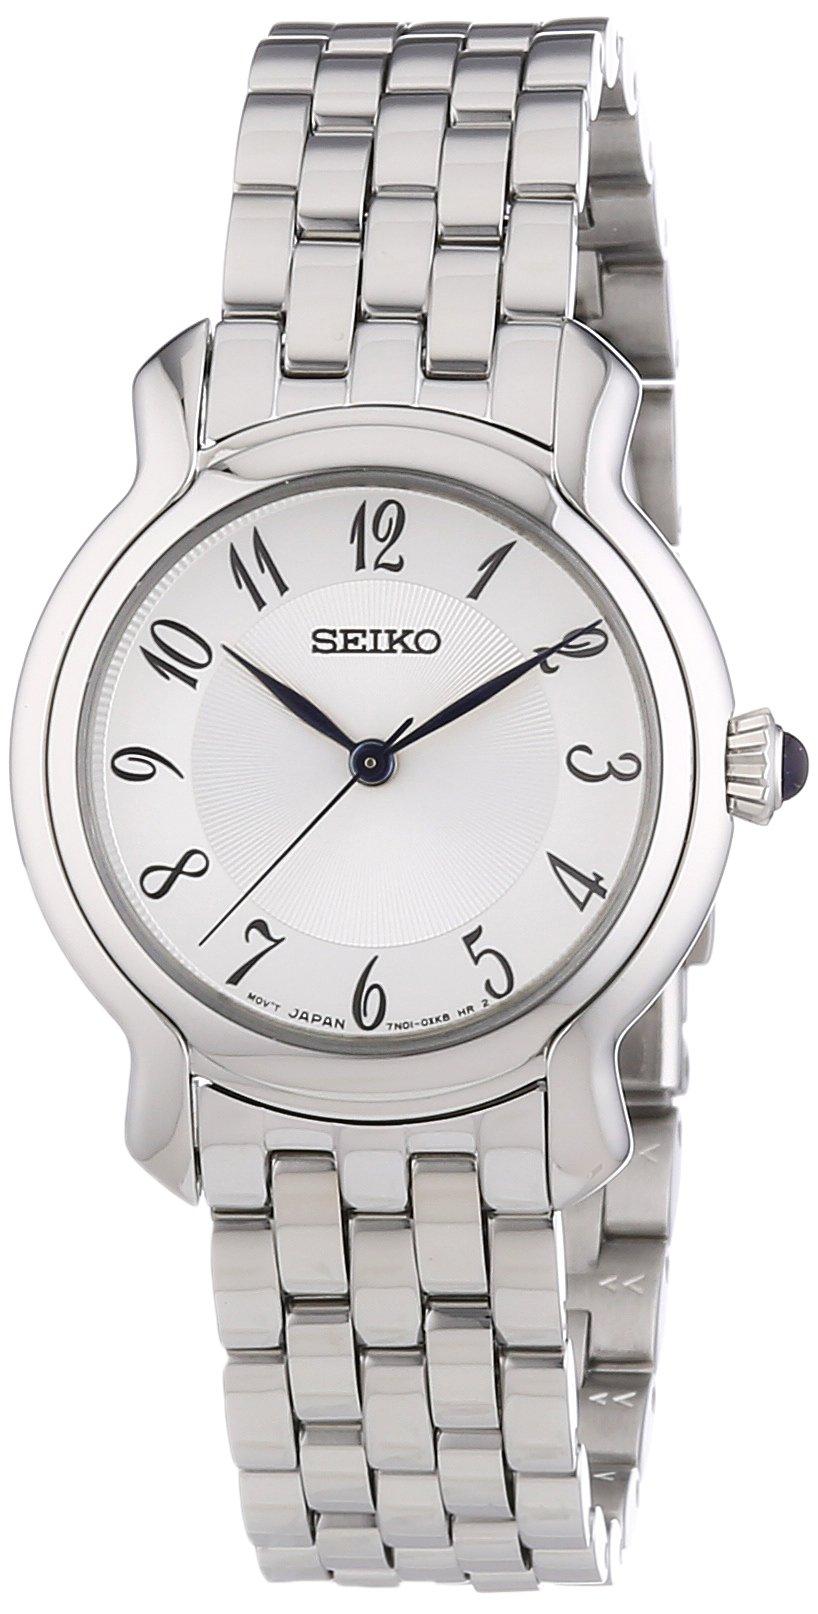 Damen-Armbanduhr XS Damenuhren Analog Quarz Edelstahl SRZ391P1